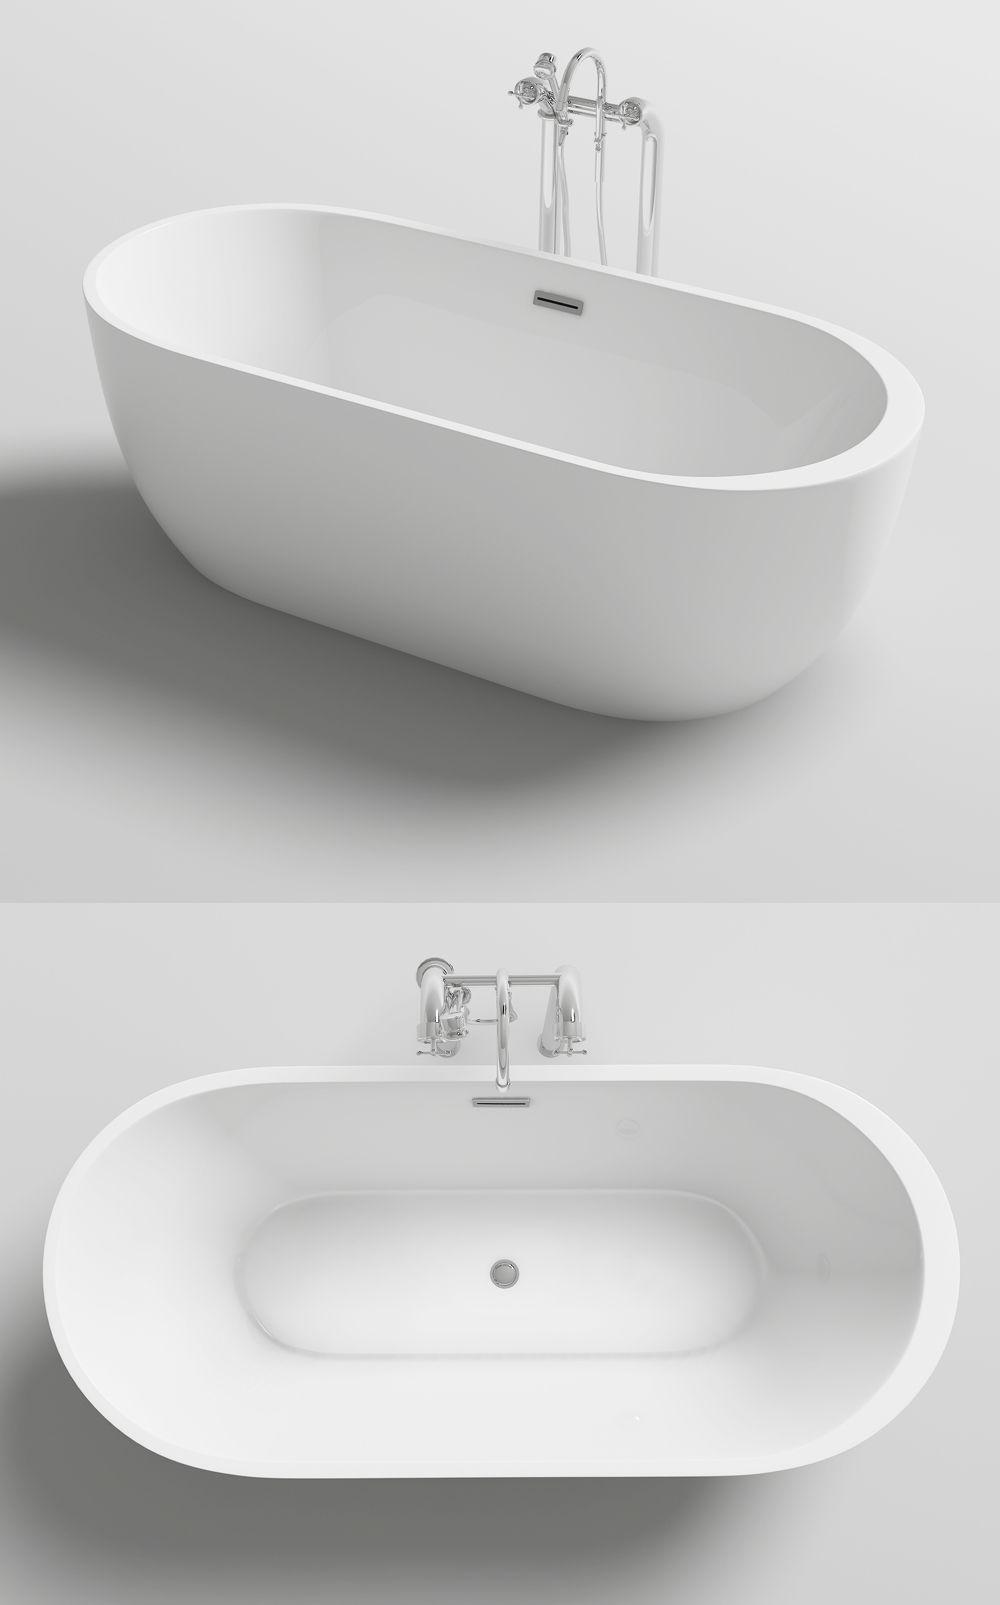 Wanna Wolnostojaca Mexen Livia Akrylowa Biala 170x80 Cm Z Korkiem Klik Klak Syfon In 2020 Bathtub Bathroom Sink